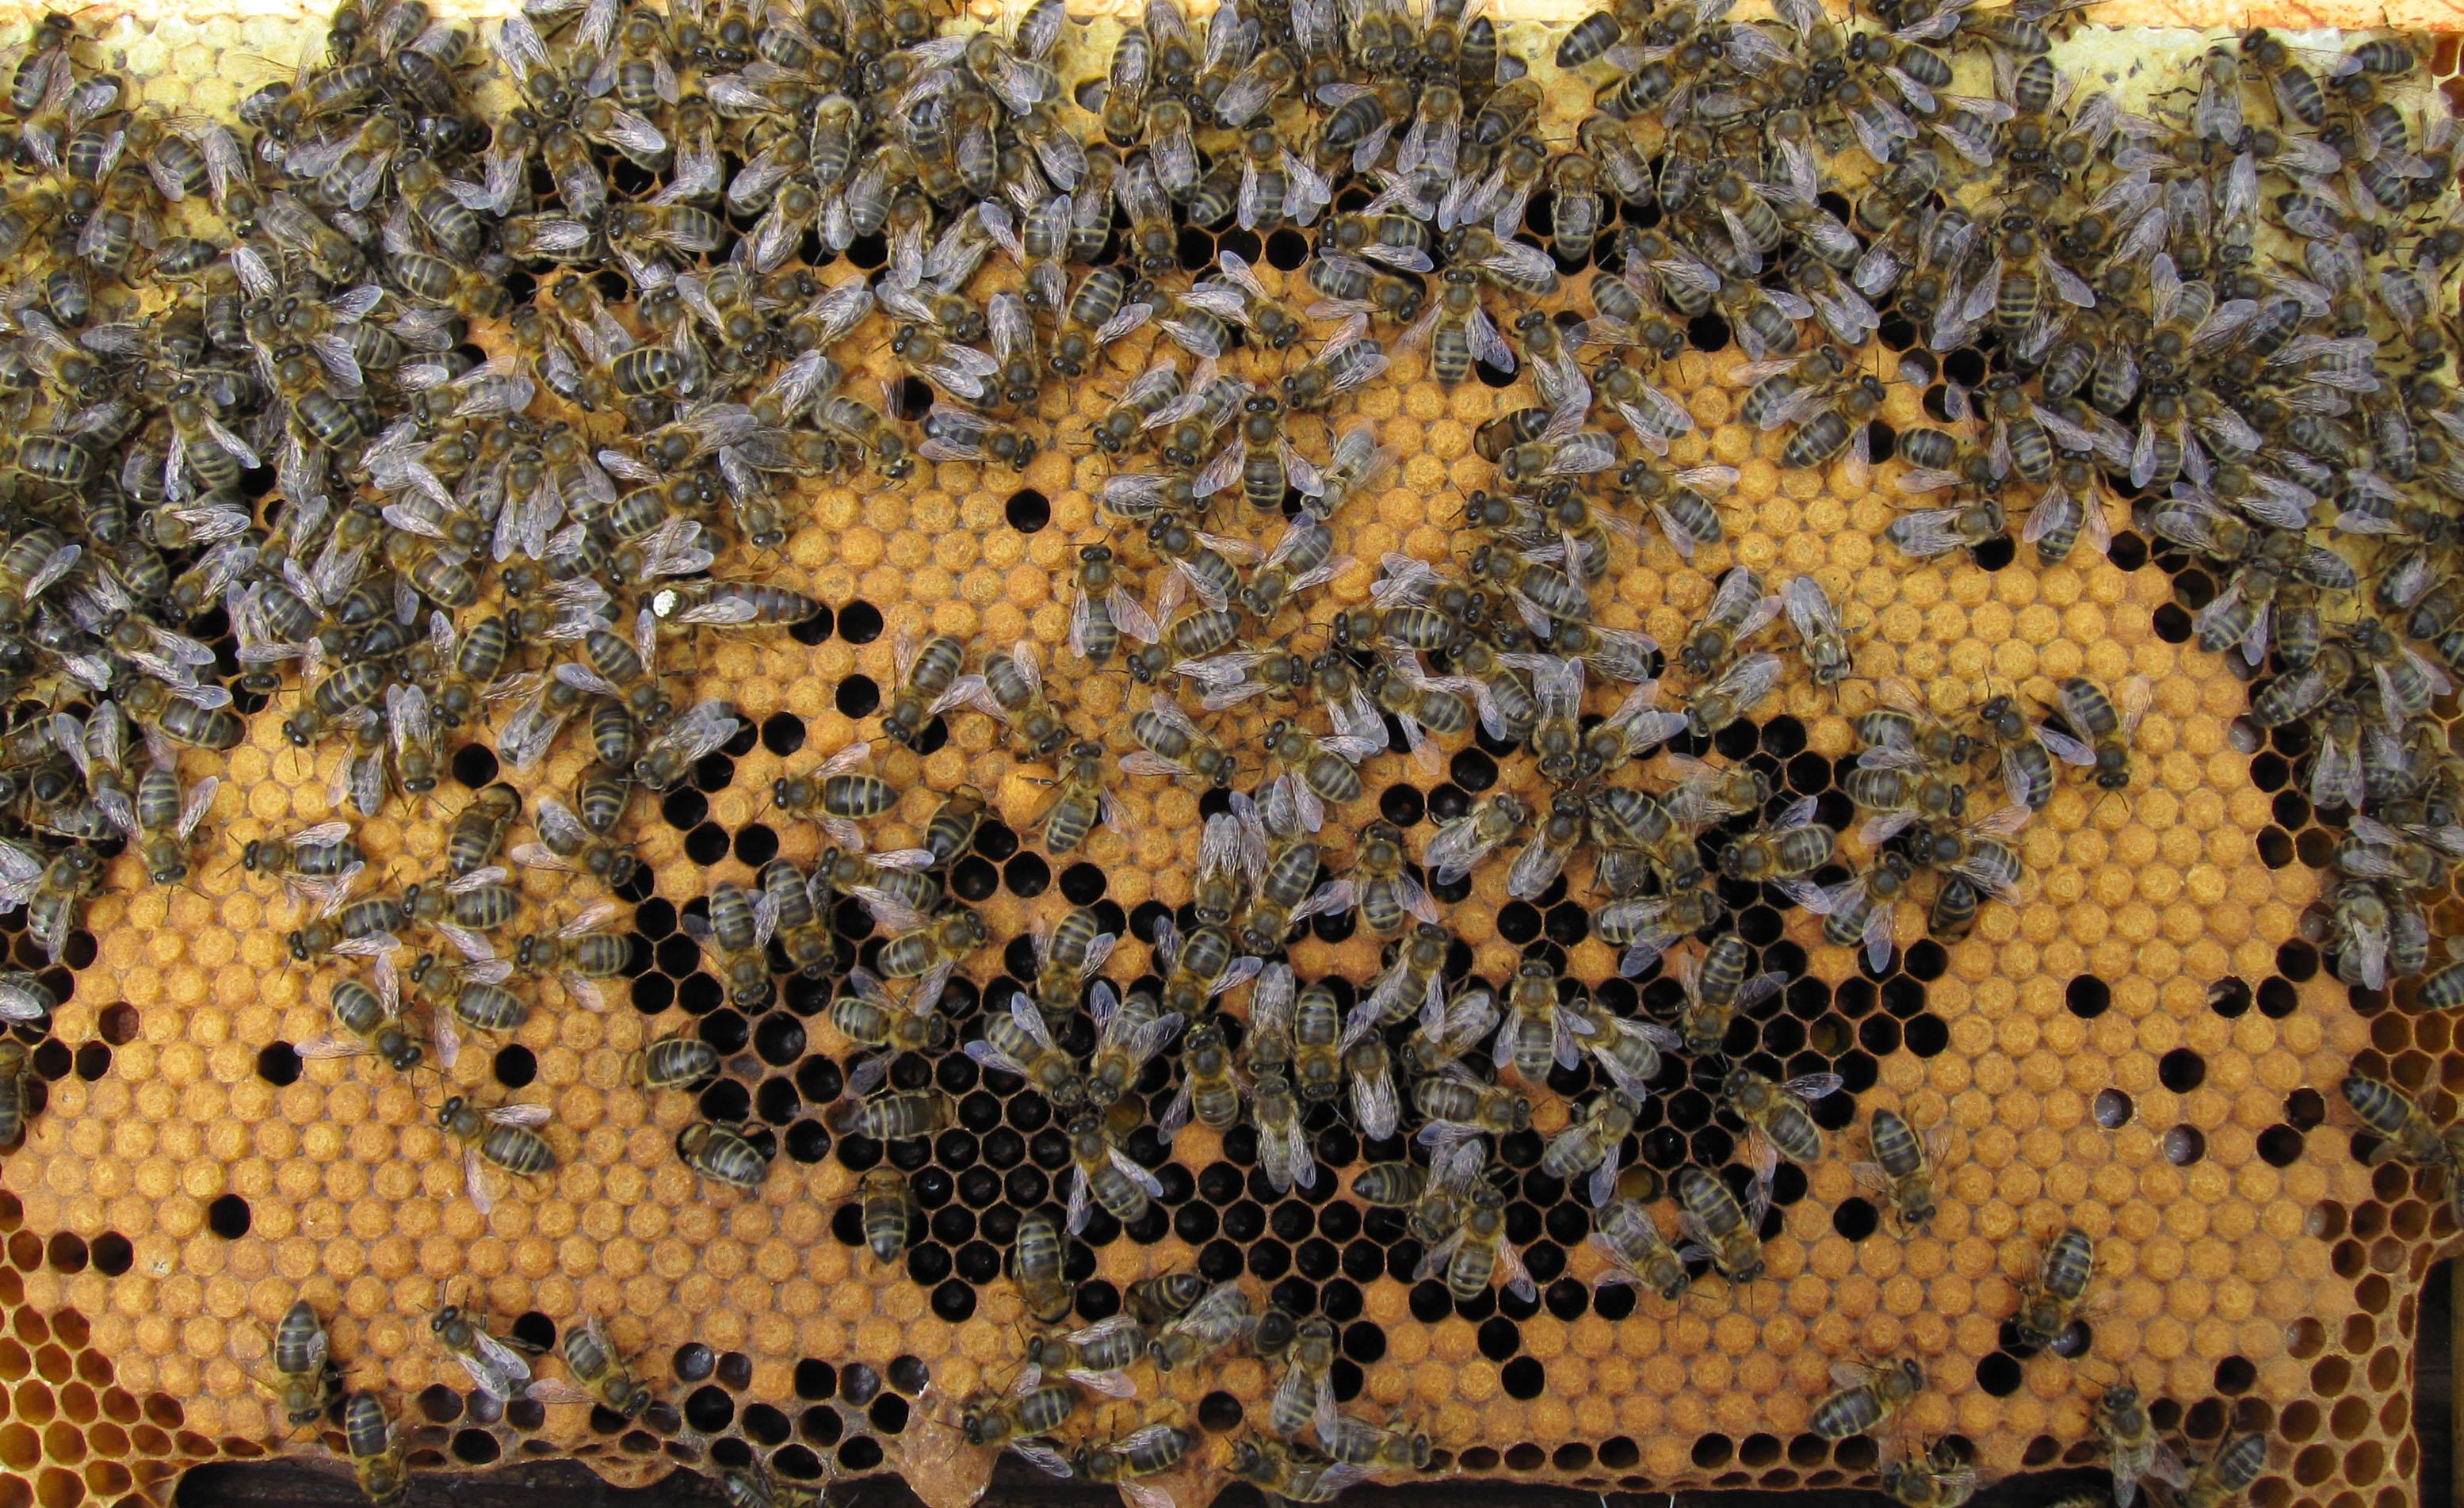 لغة التواصل بين النحل اللغة الكيميائية و اللغة الصوتية و لغة التلامس